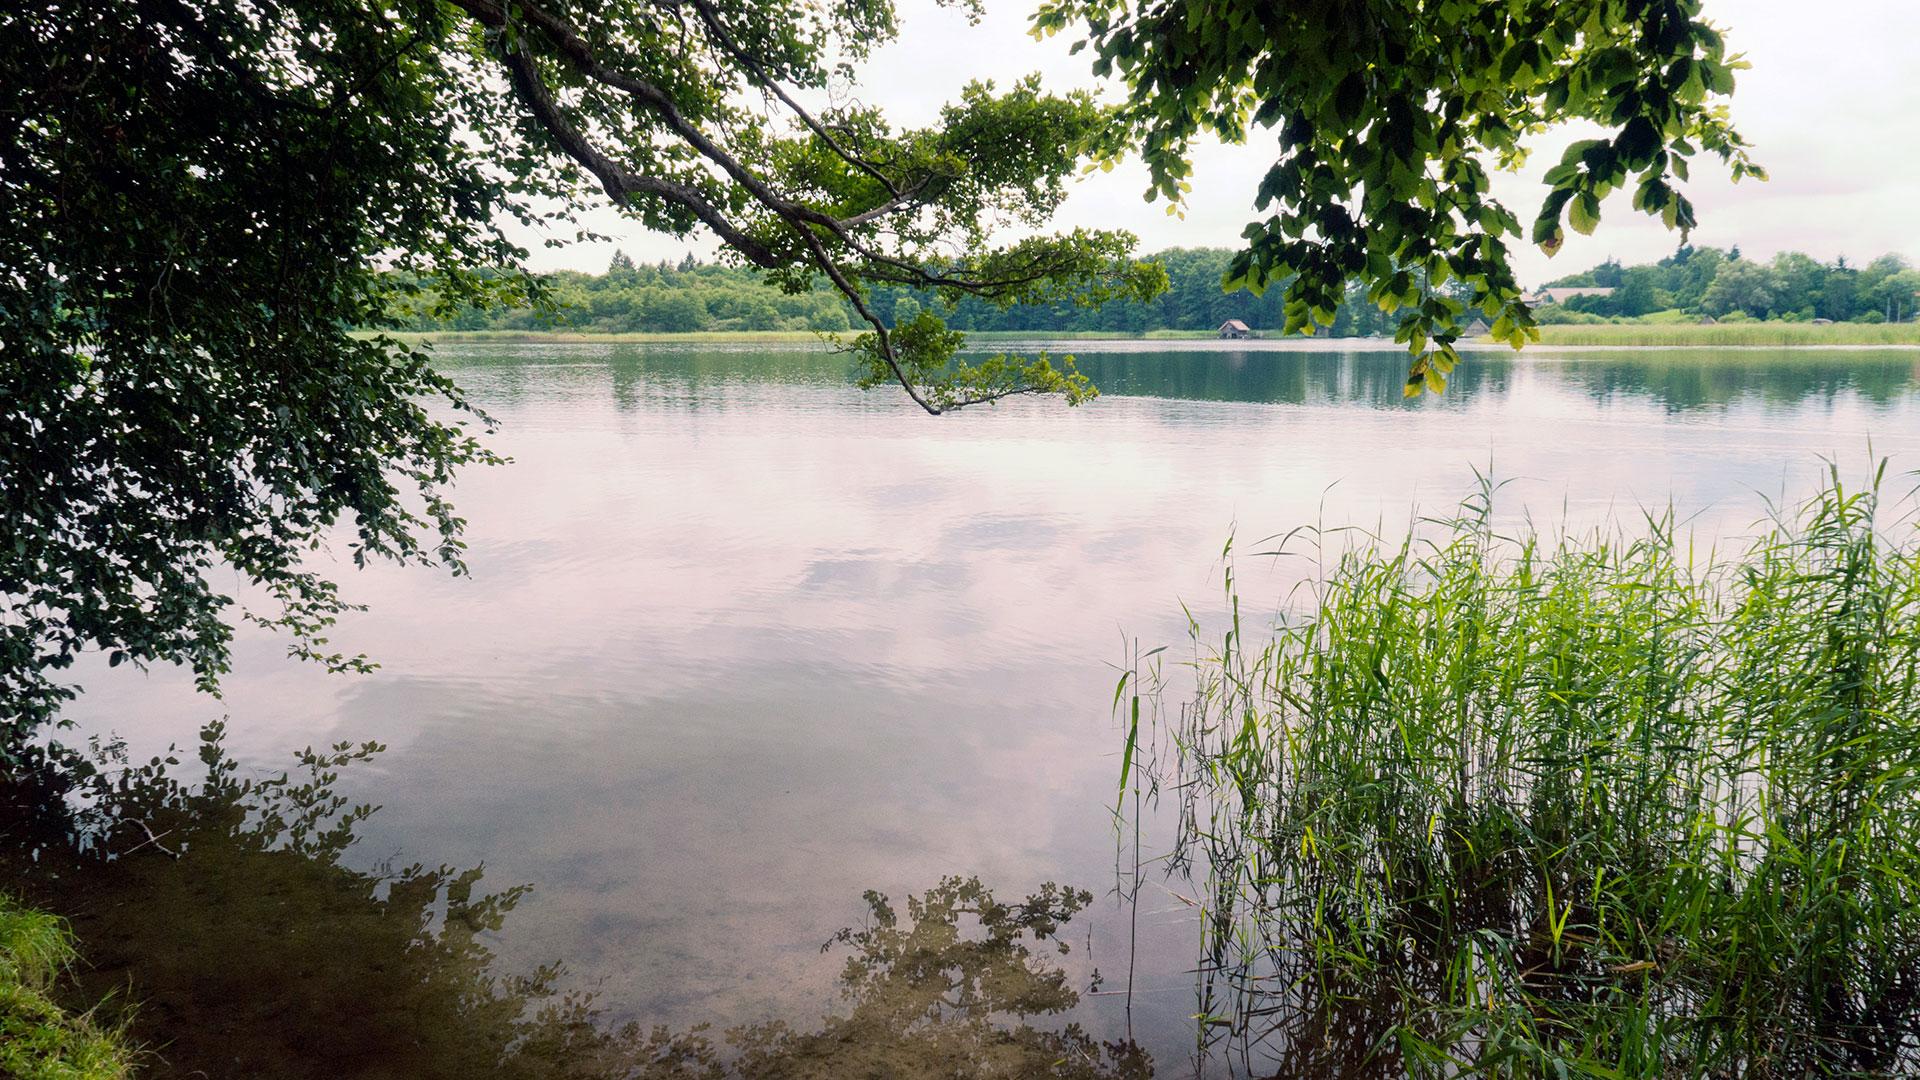 Sehenswerte Natur in Deutschland: Abgeschiedene Buchten, sauberes Wasser und Seeadler gibt es am Schaalsee.